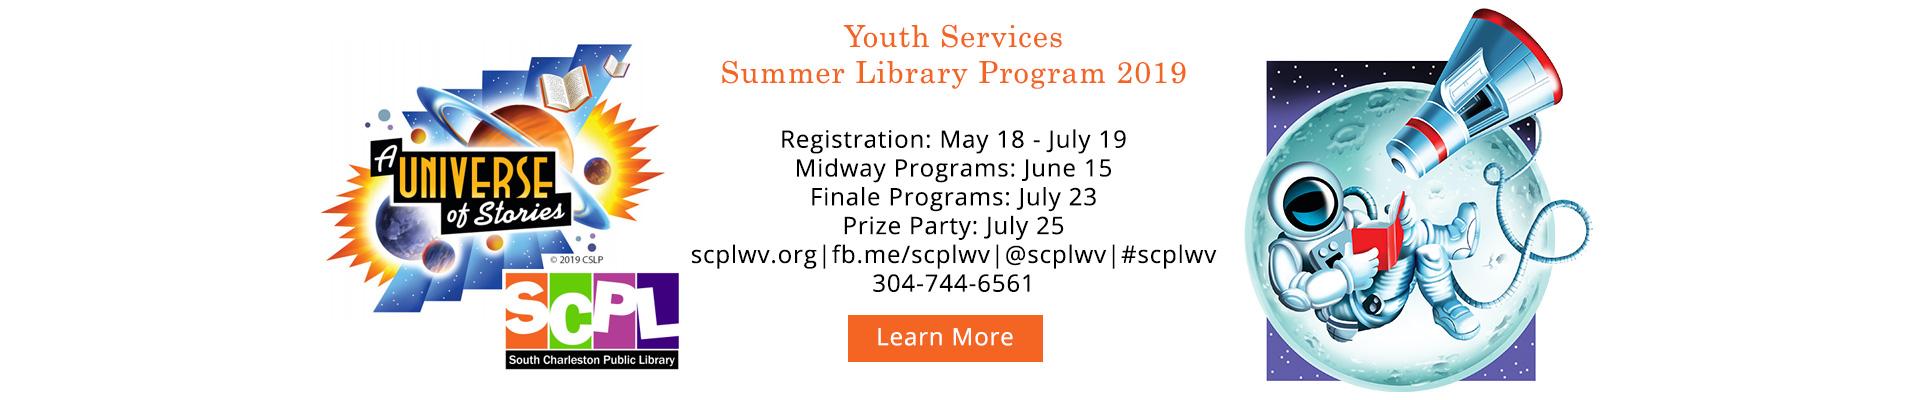 Summer Library Program 2019